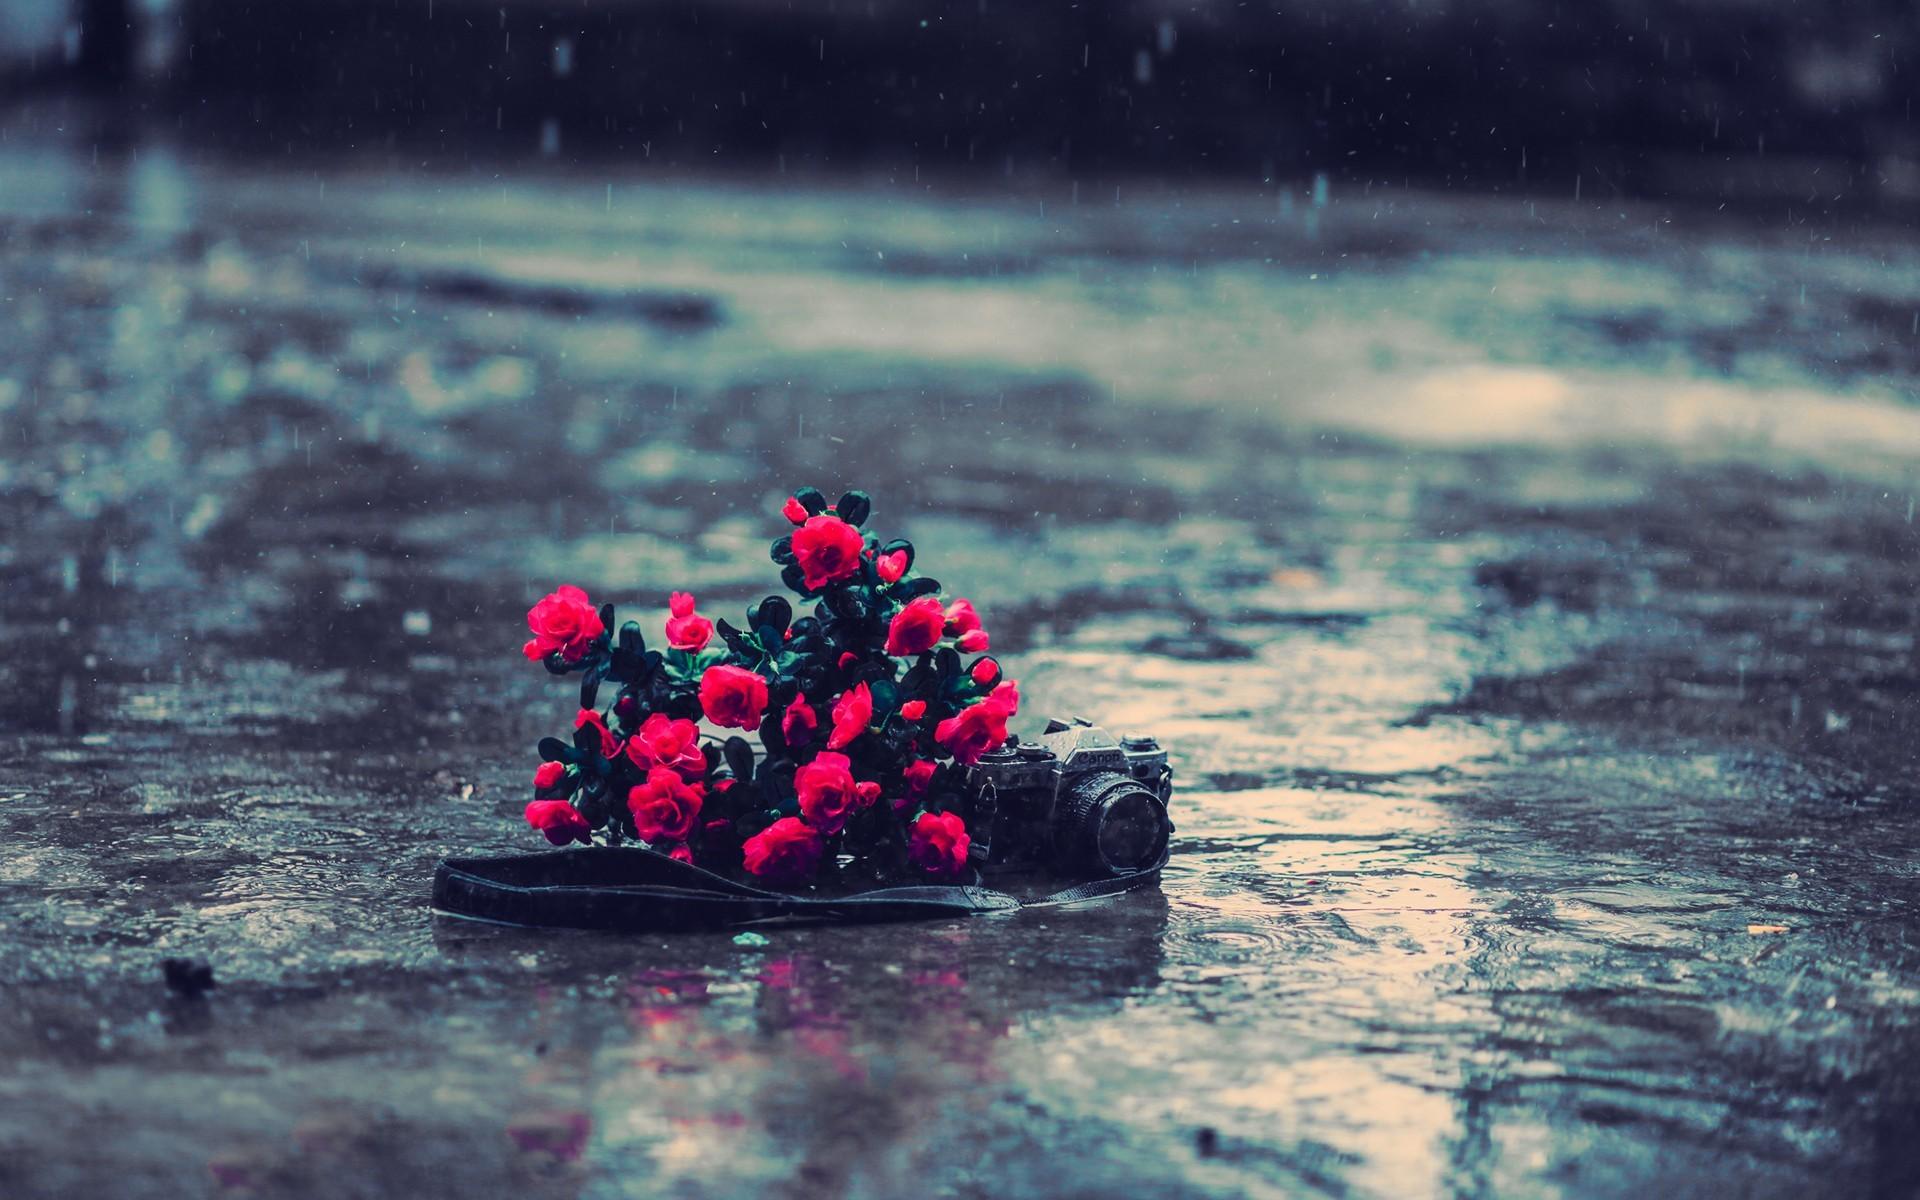 Photography Rain 1920x1200